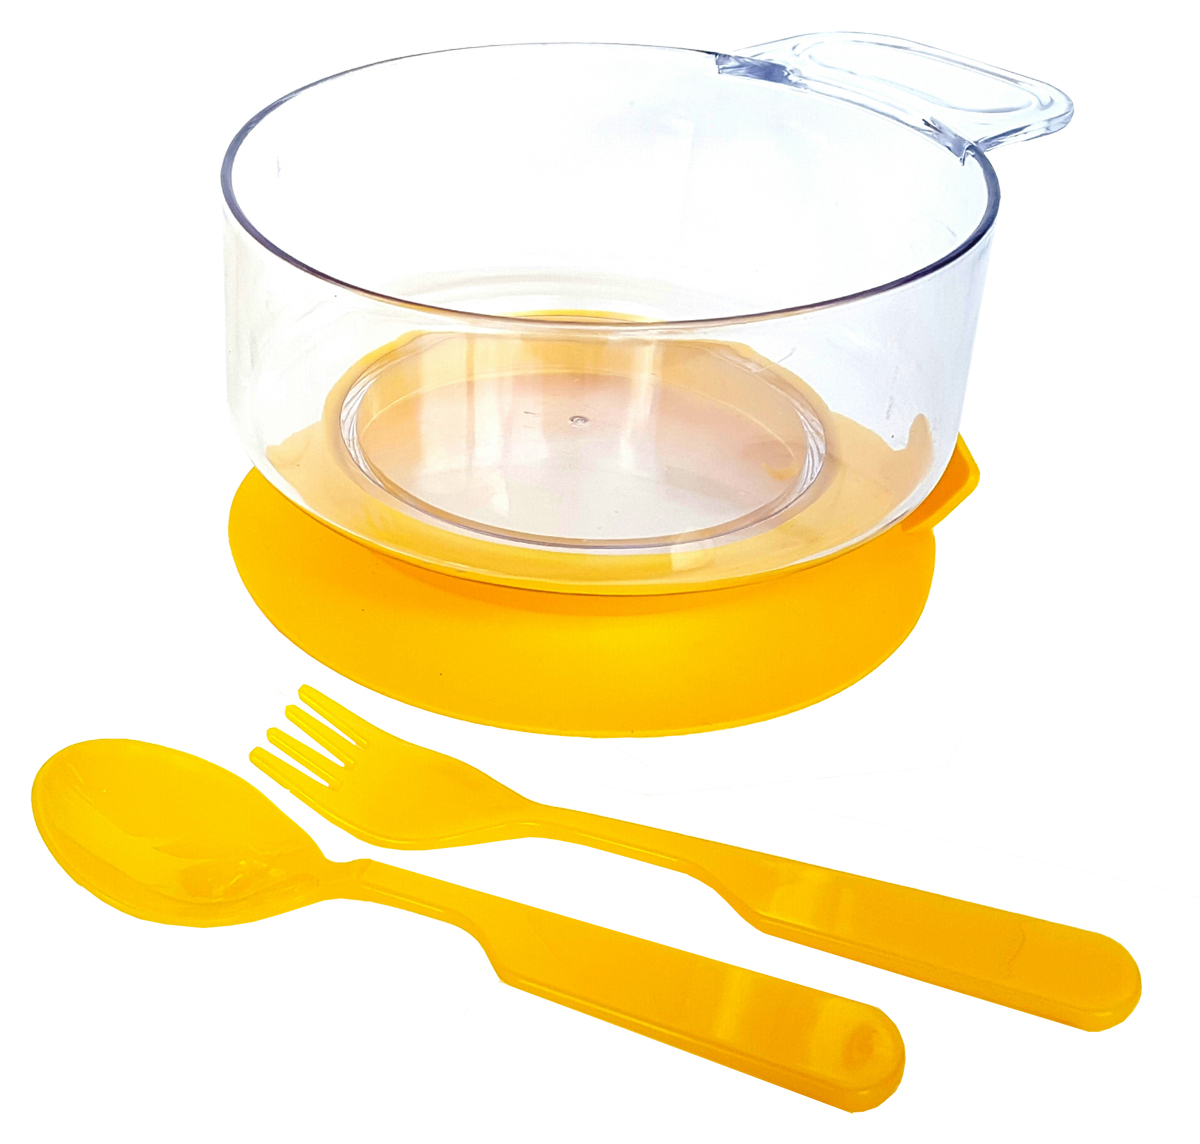 Набор детской посуды цвет желтый 3 предмета 121395452Набор посуды из 3-х предметов, идеальный для начала самостоятельного питания малыша. Произведено в России из безопасного пищевого пластика. Форма изготовлена по лучшим европейским технологиям. Эргономичные и безопасные ложка-вилка. Глубокая тарелка с ручкой на съемной присоске предотвращает скольжение по столу и переворачивание. Яркие цвета и удобная форма обеспечивают удовольствие от кормления. Можно мыть в посудомоечной машине и ставить в СВЧ (снять присоску с тарелки!).